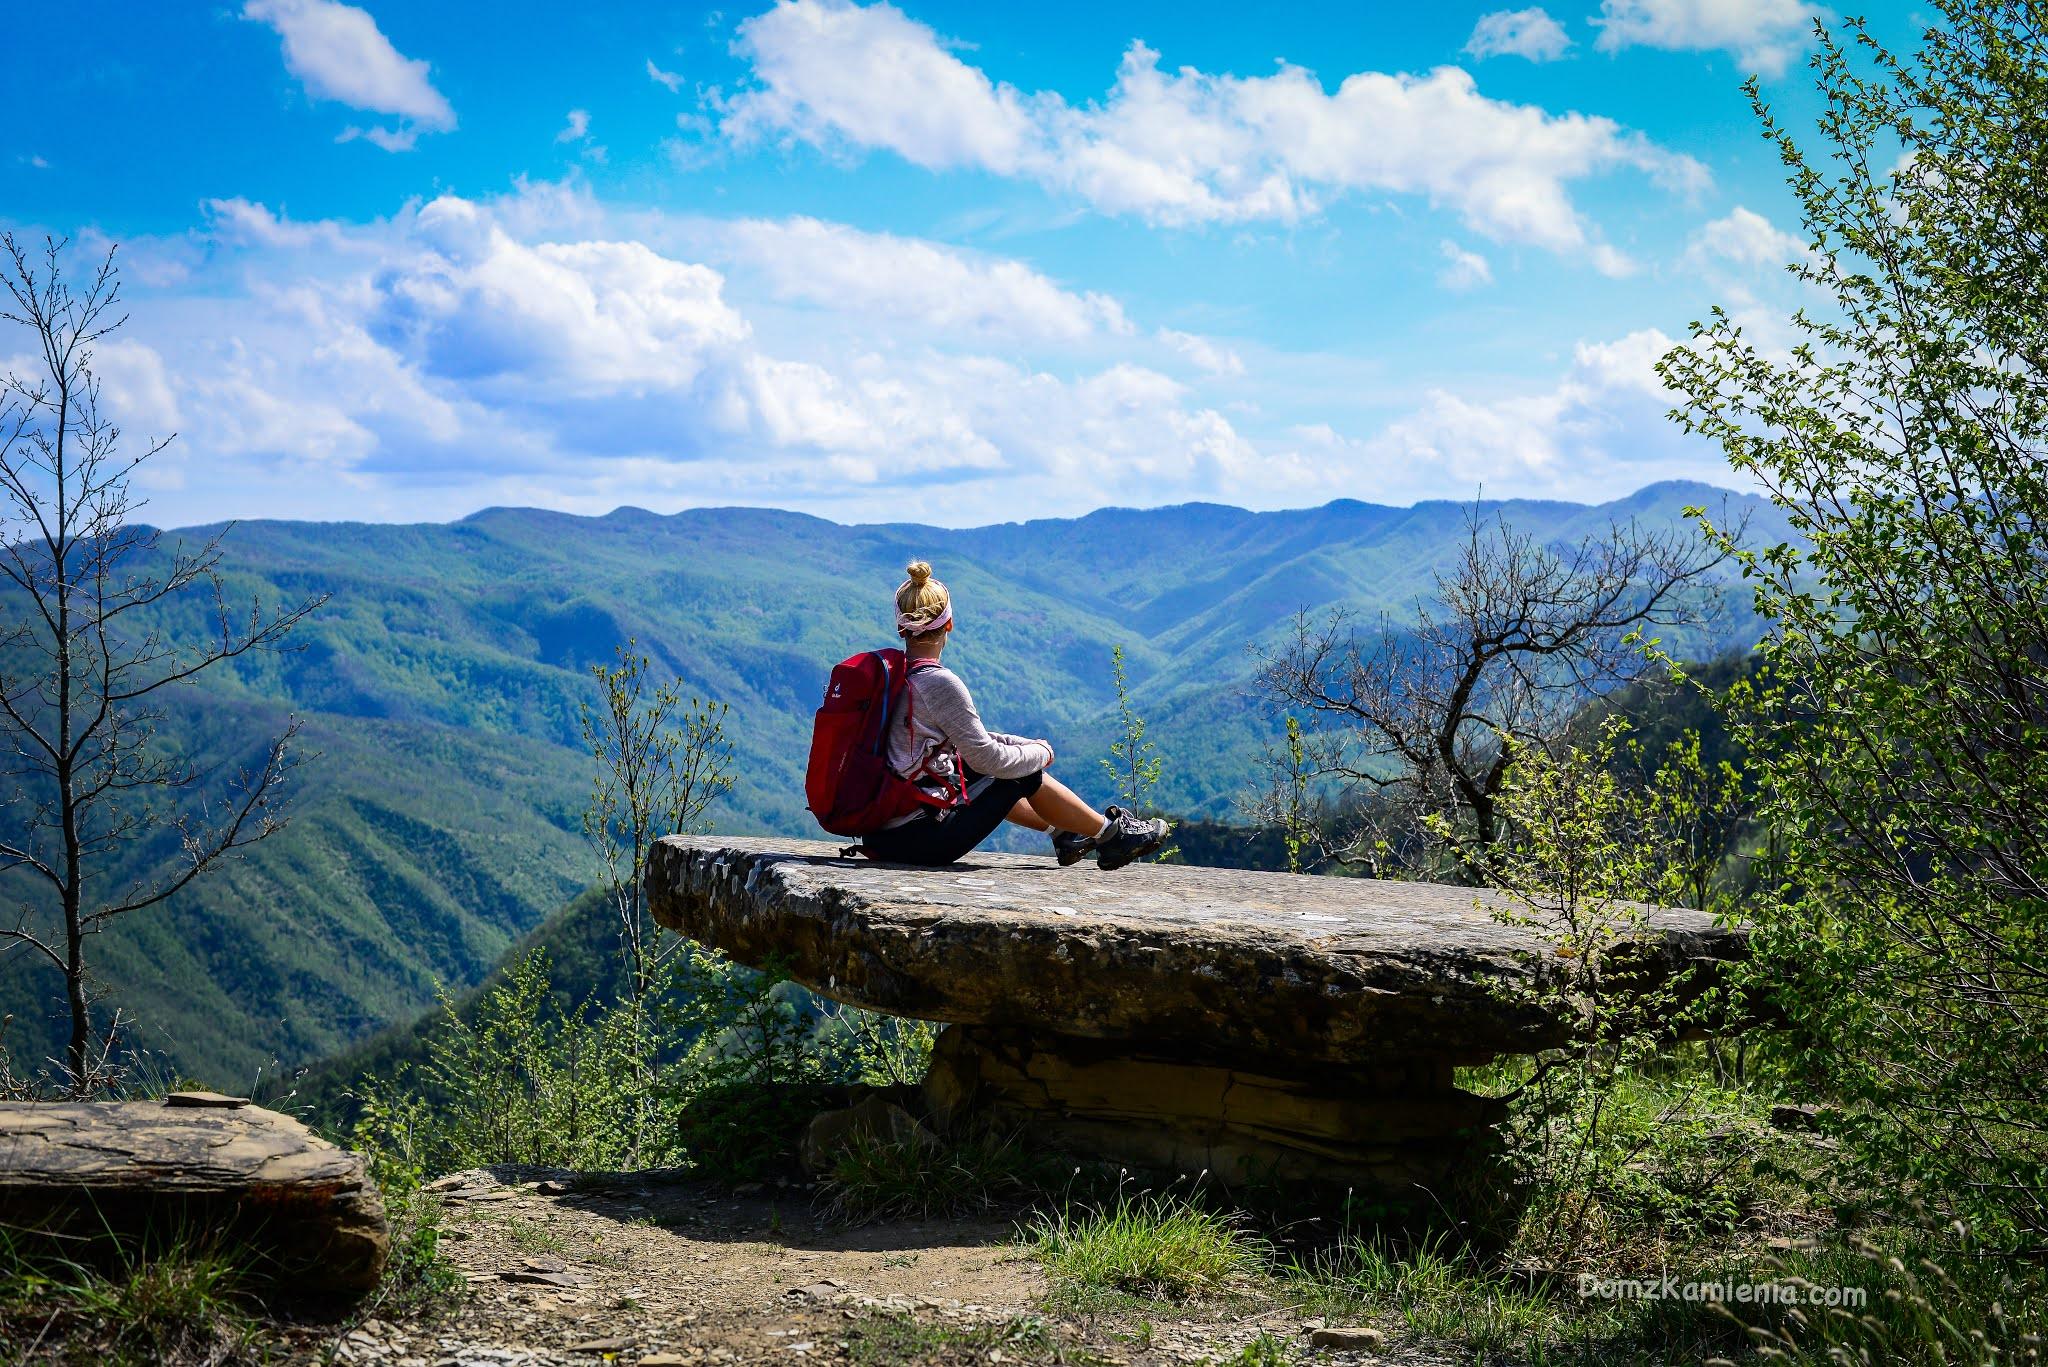 Kasia z Domu z Kamienia, blog, Marradi, trekking